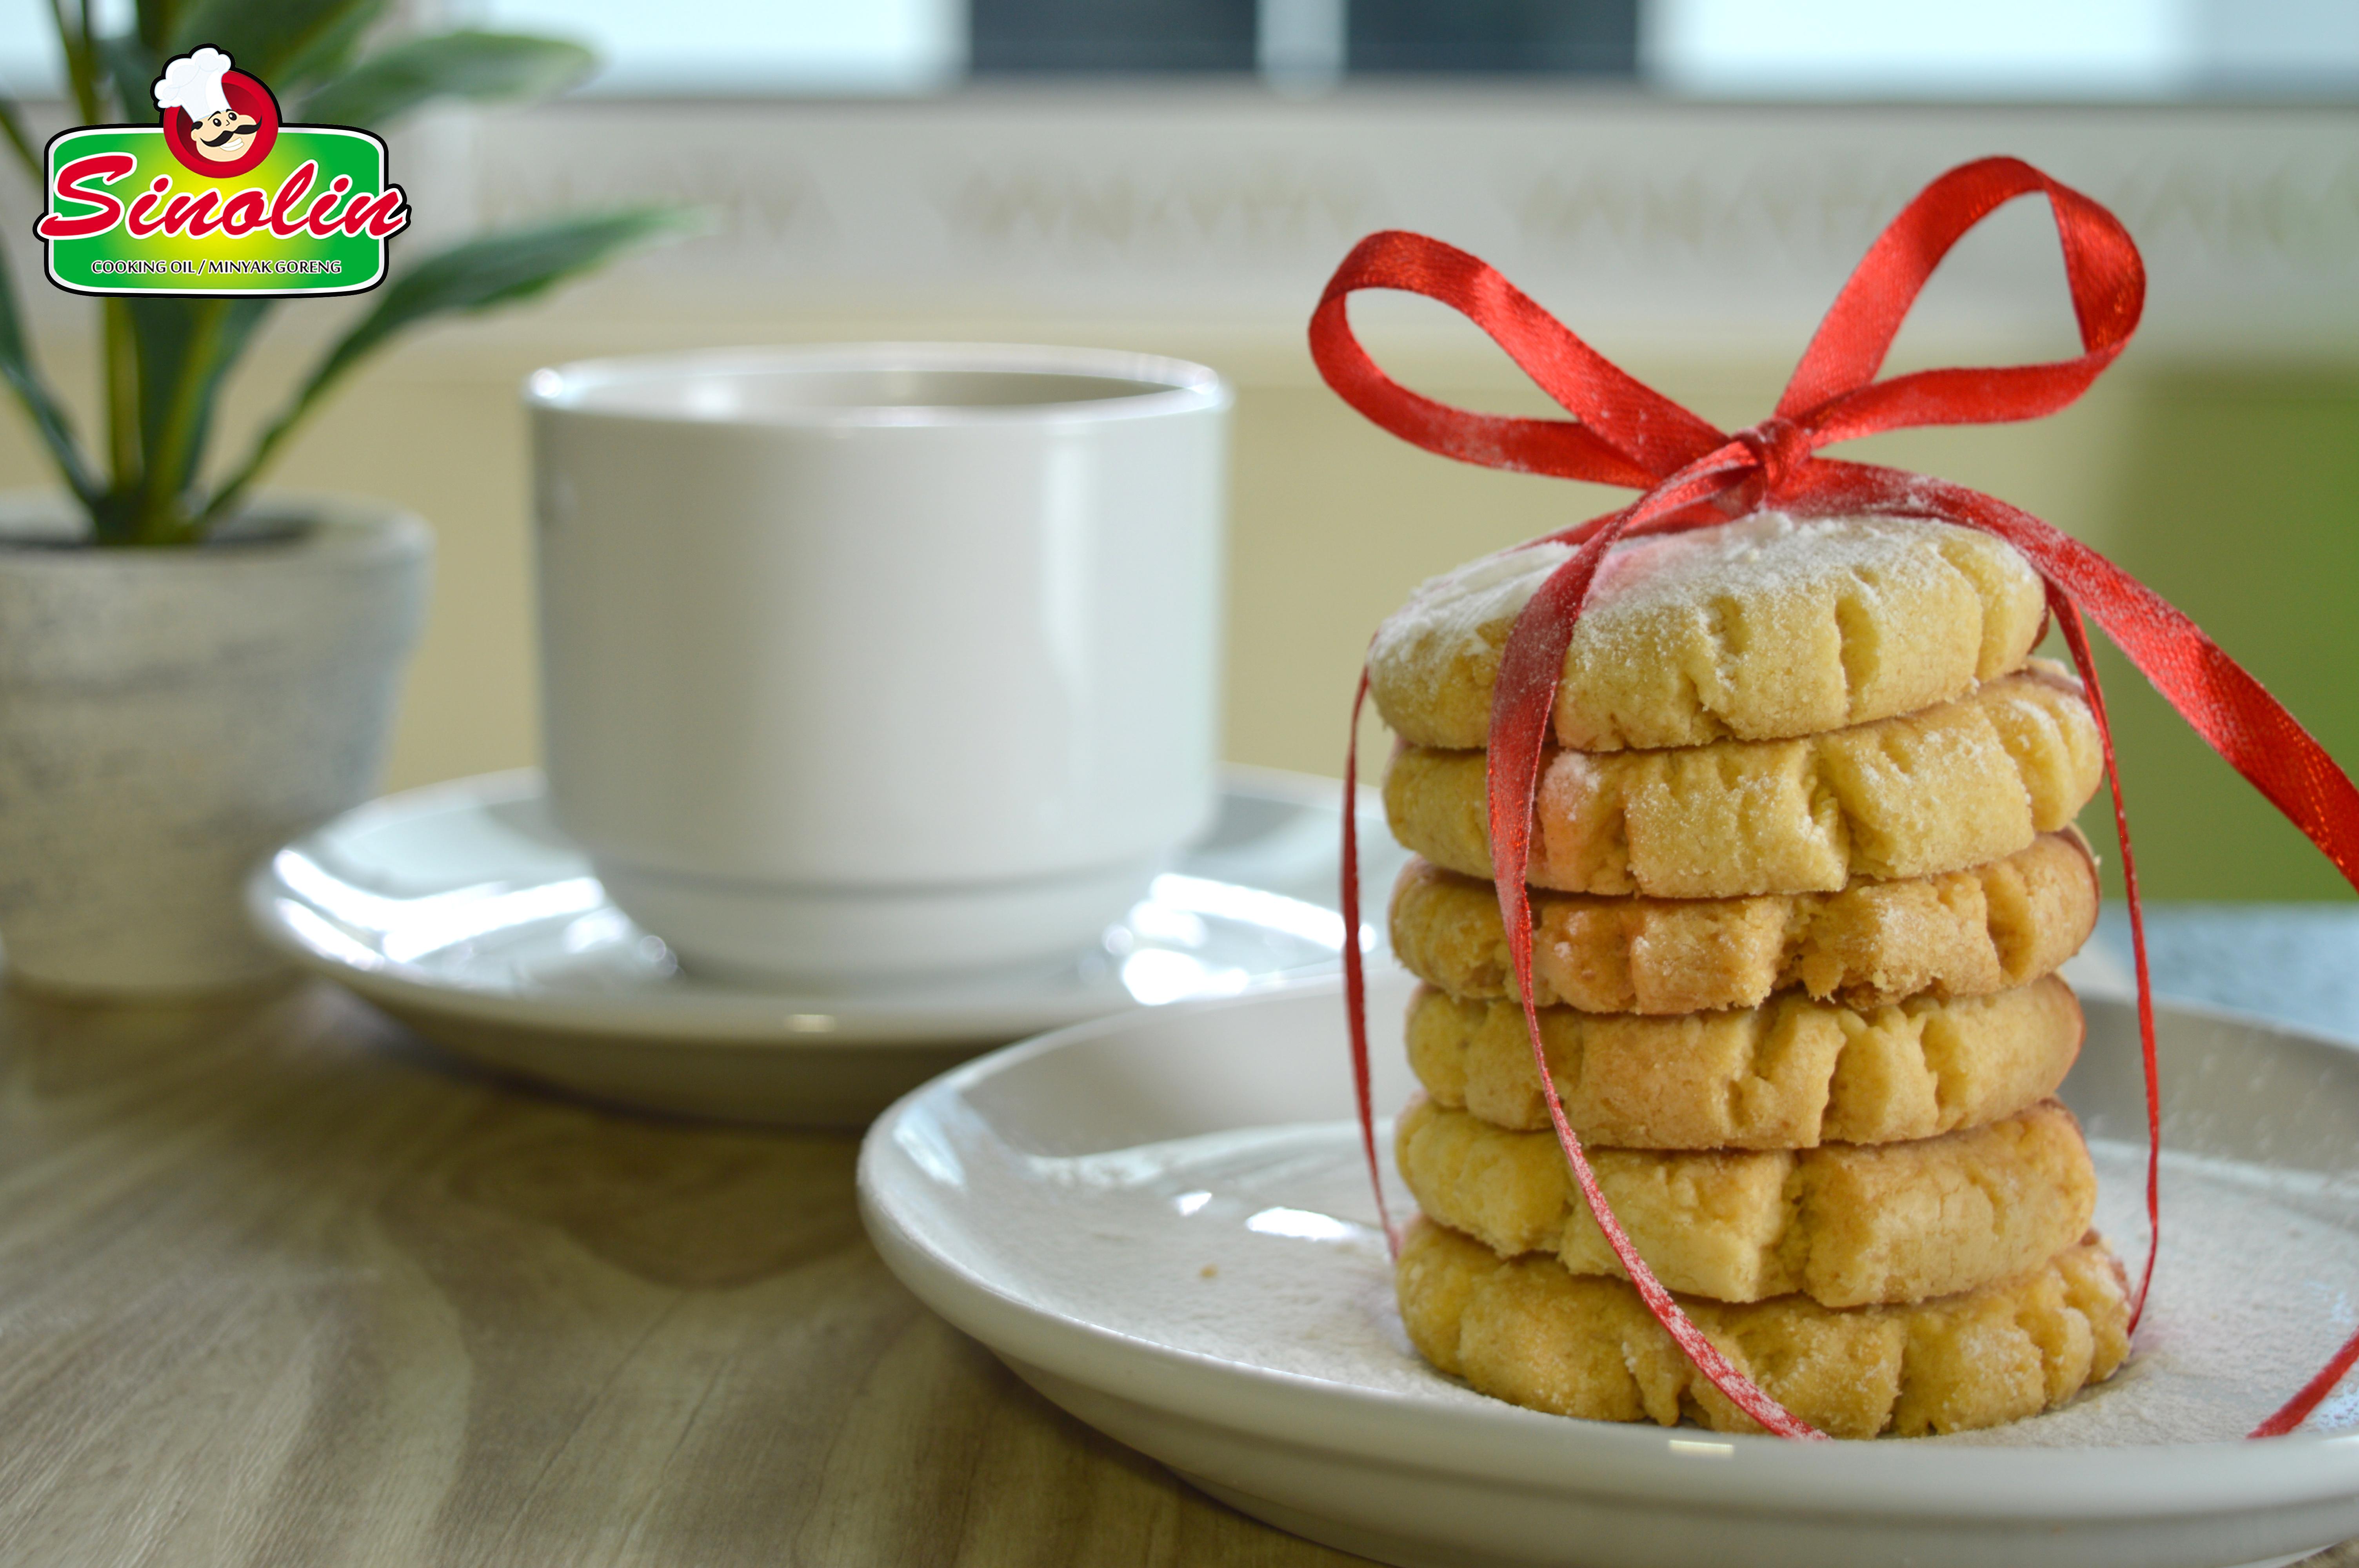 Kue Gula Yang Sempurna oleh Dapur Sinolin